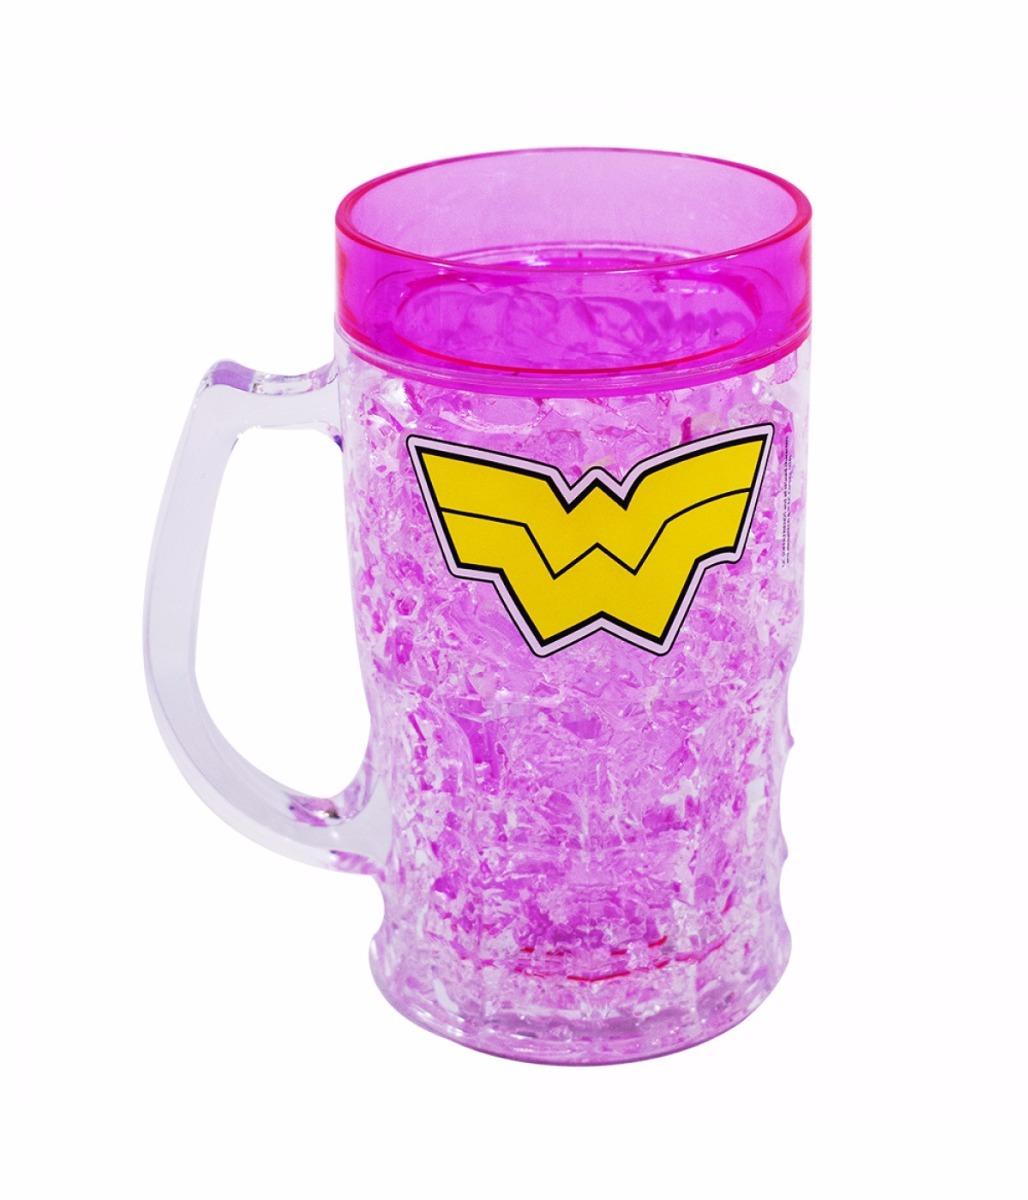 0d1738d22 copo gelo mulher maravilha 400ml caneca congelante chopp. Carregando zoom.